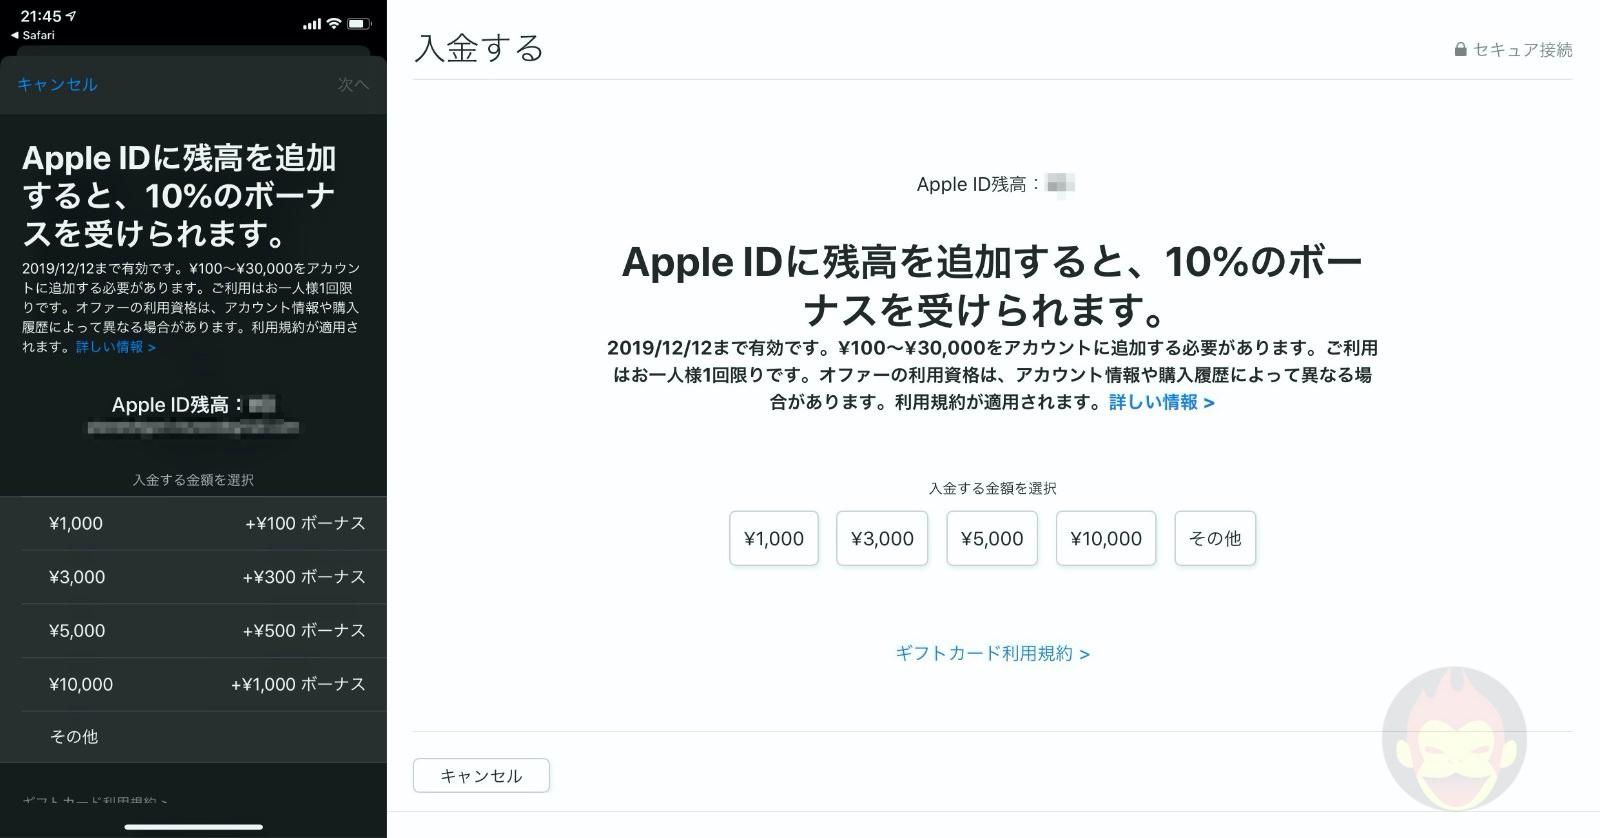 Apple-ID-Bonus-November-2019-01.jpg